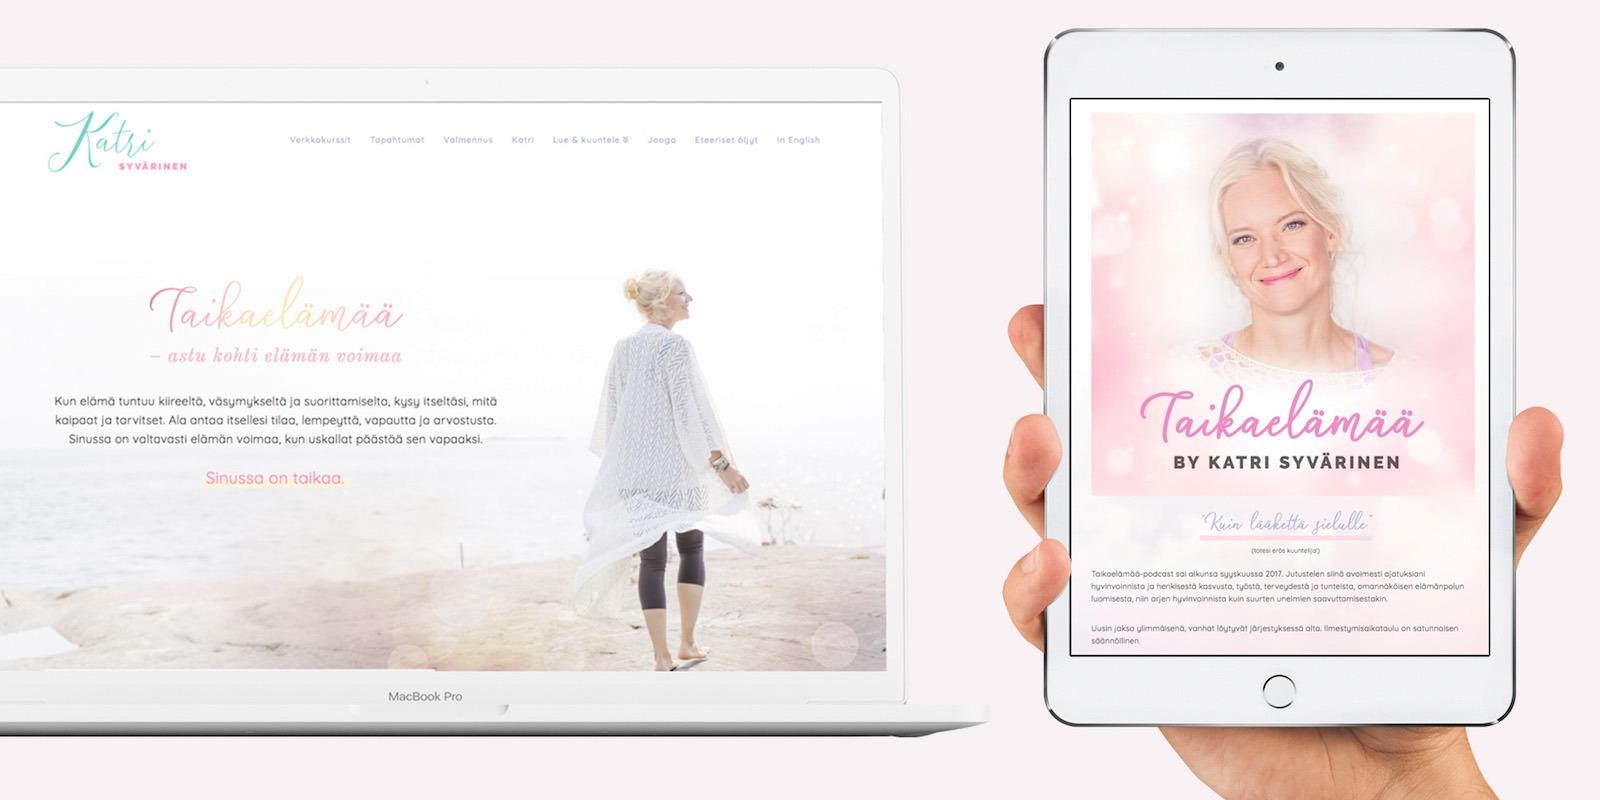 Bhakti Creative luomat nettisivut Katri Syväriselle